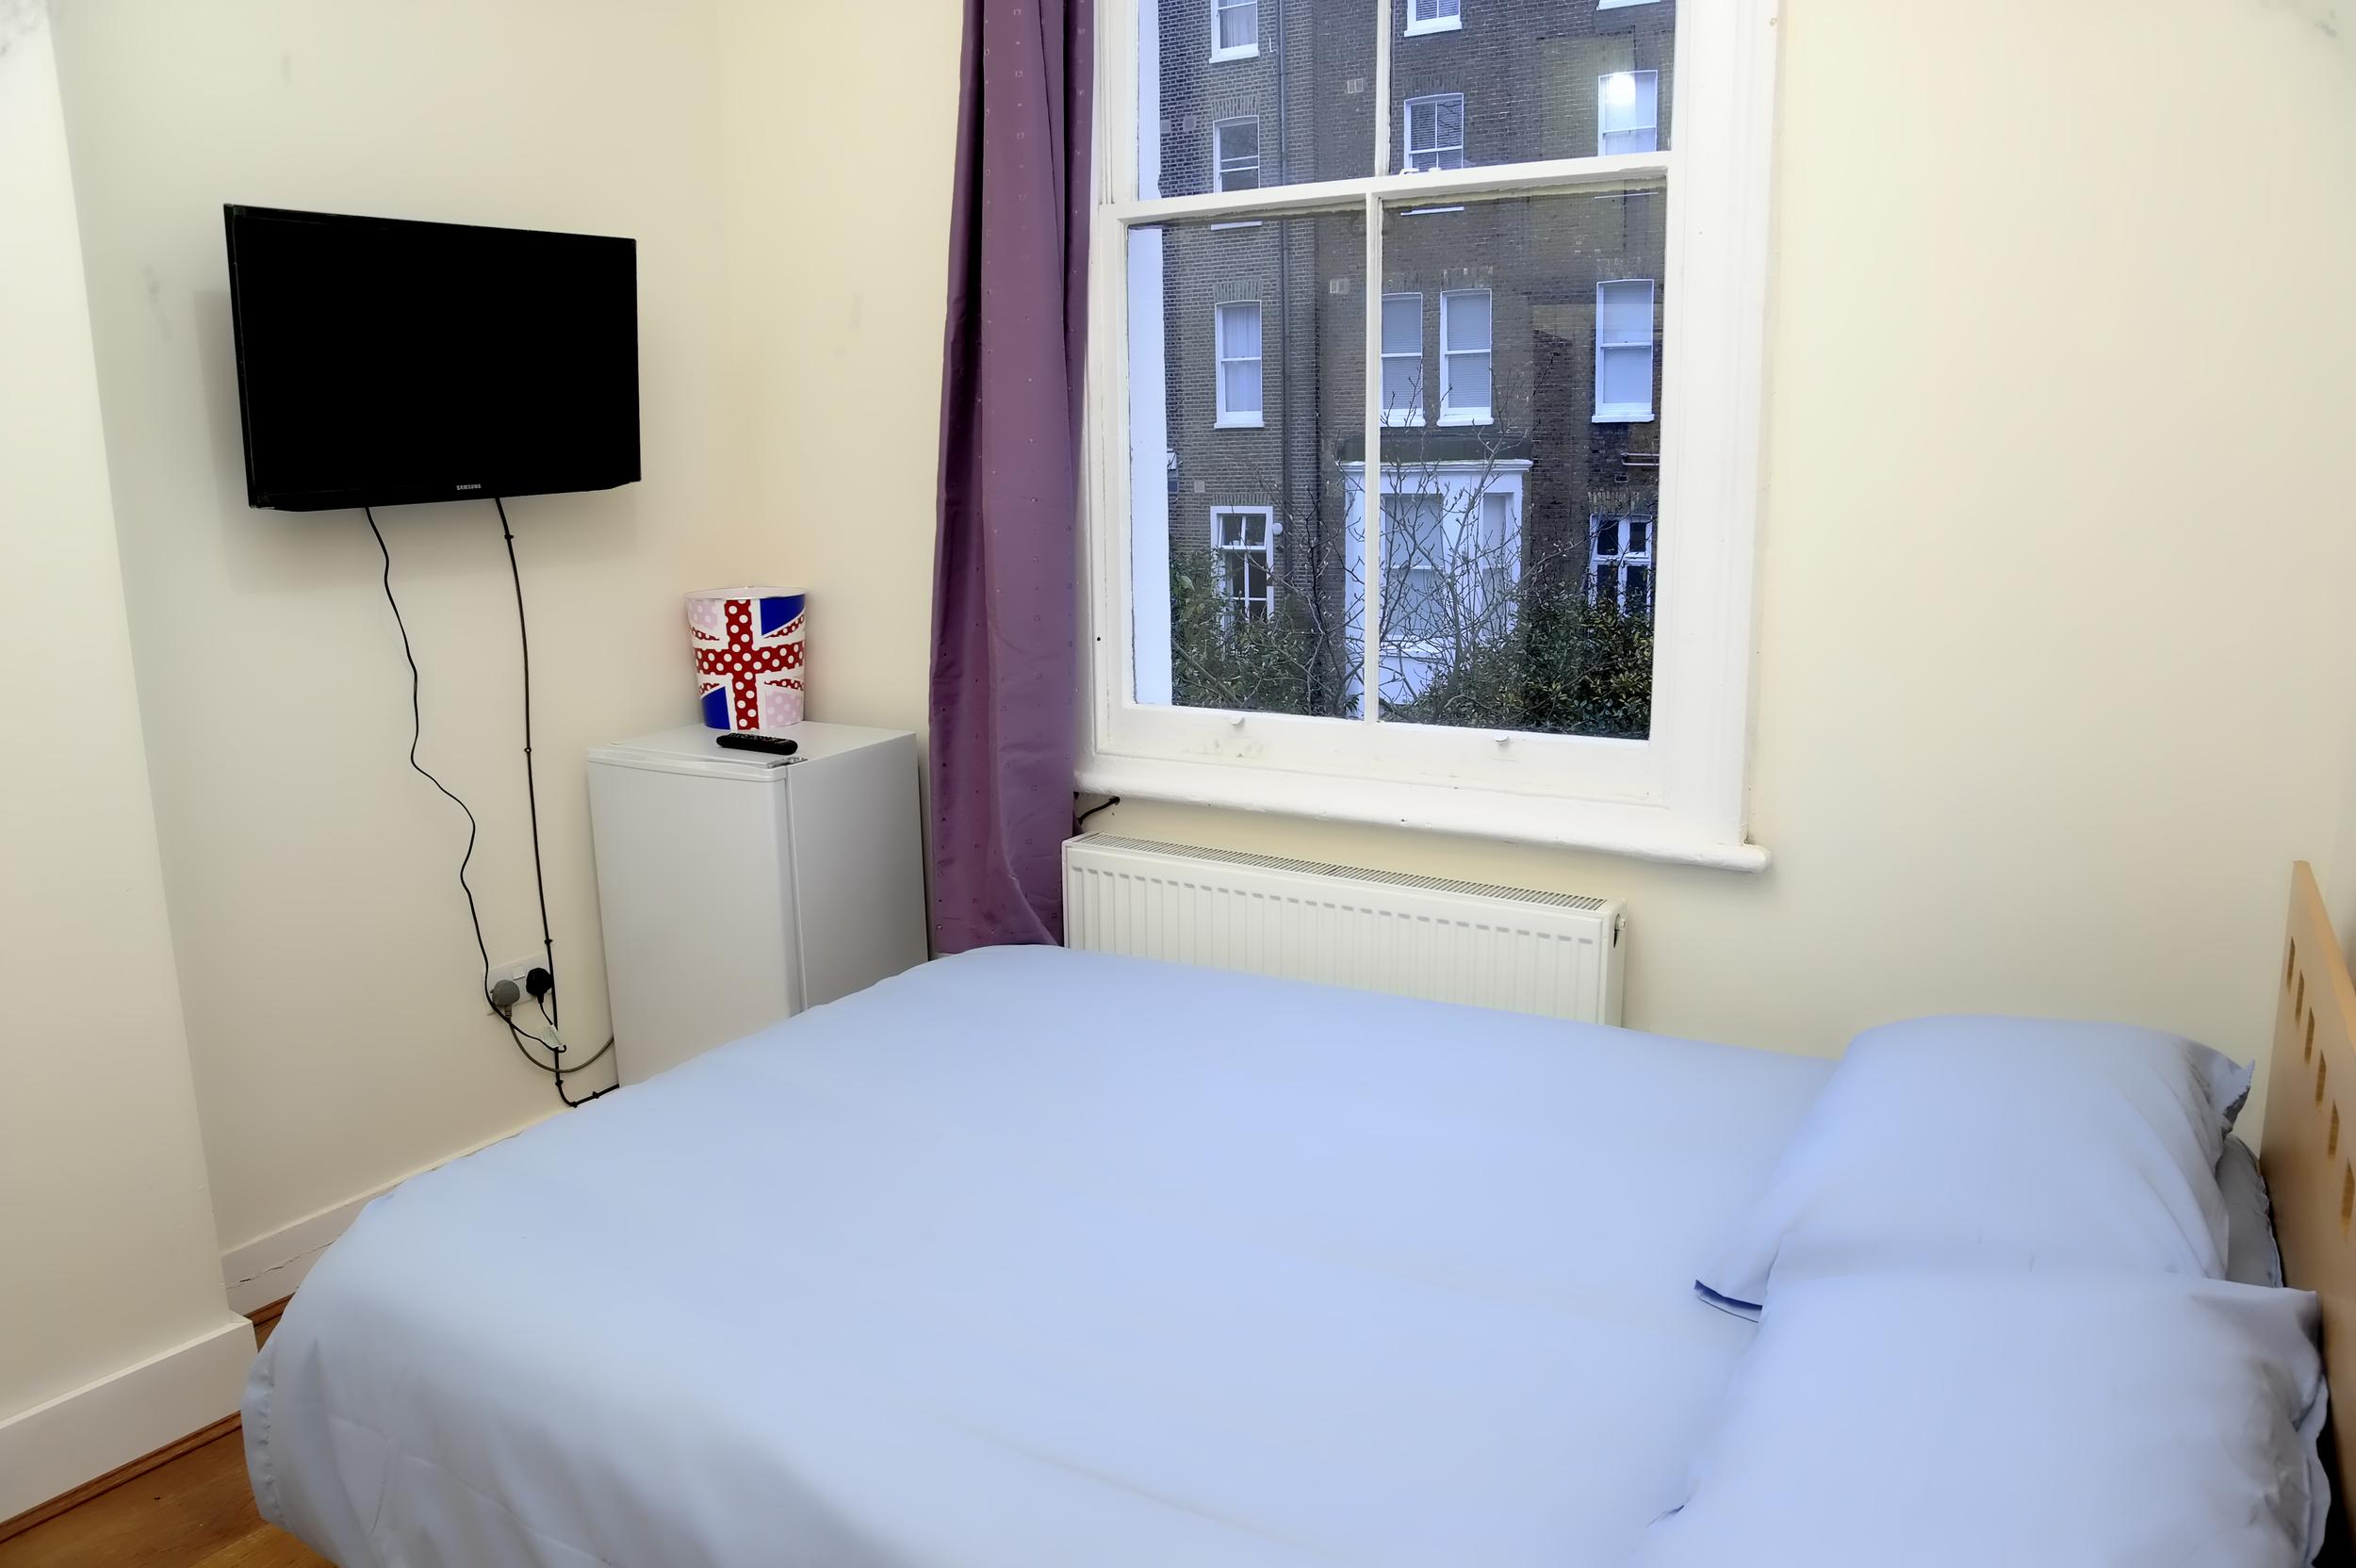 en-suite-double-bed-hotel-room-3.jpg